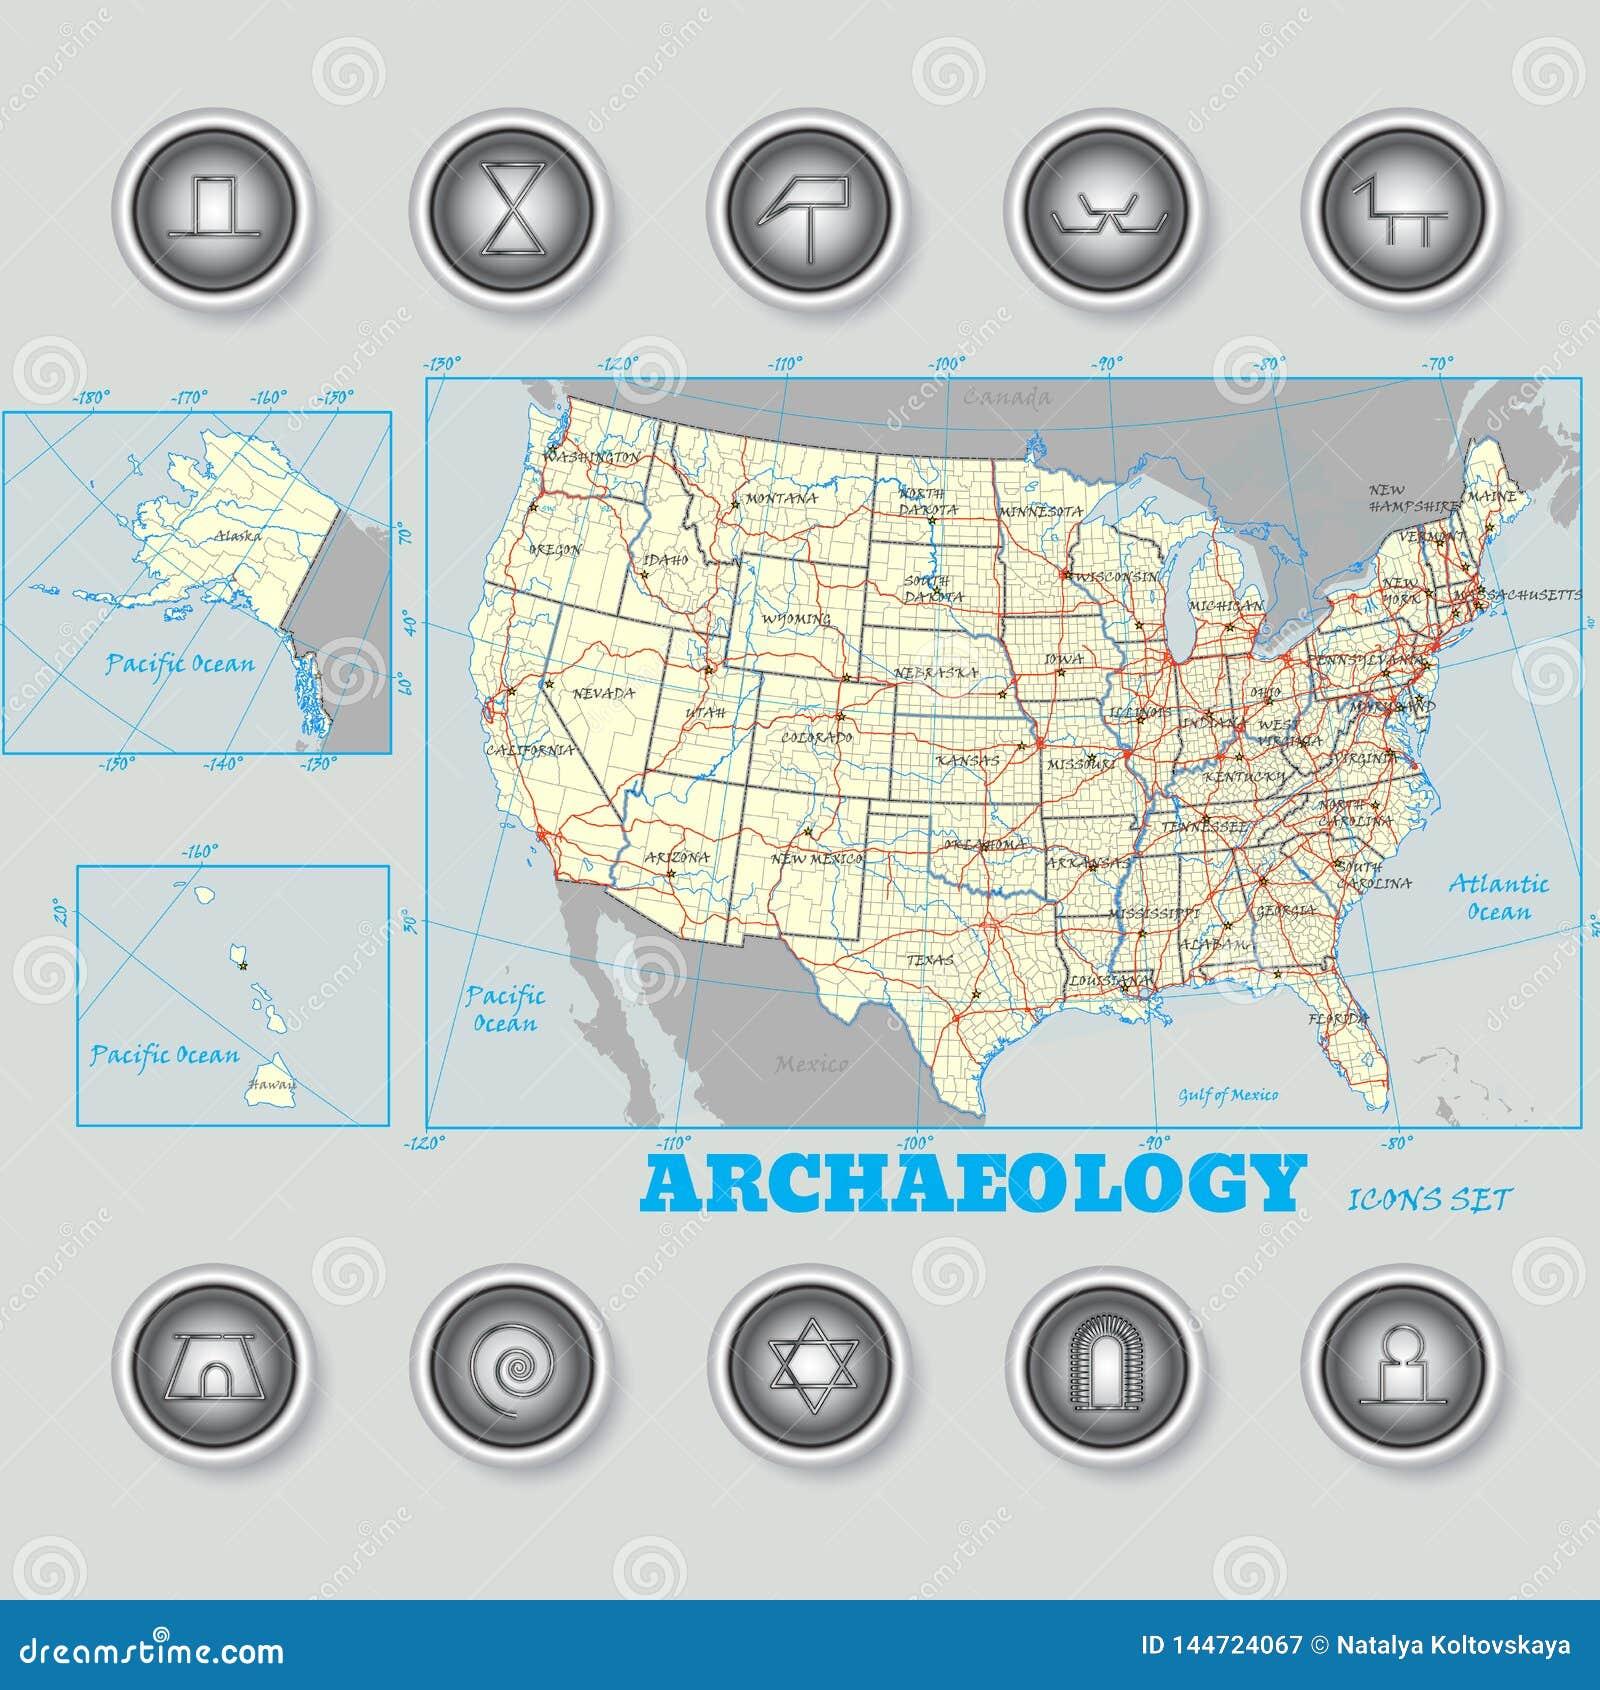 Iconos de la arqueología fijados en la notación científica